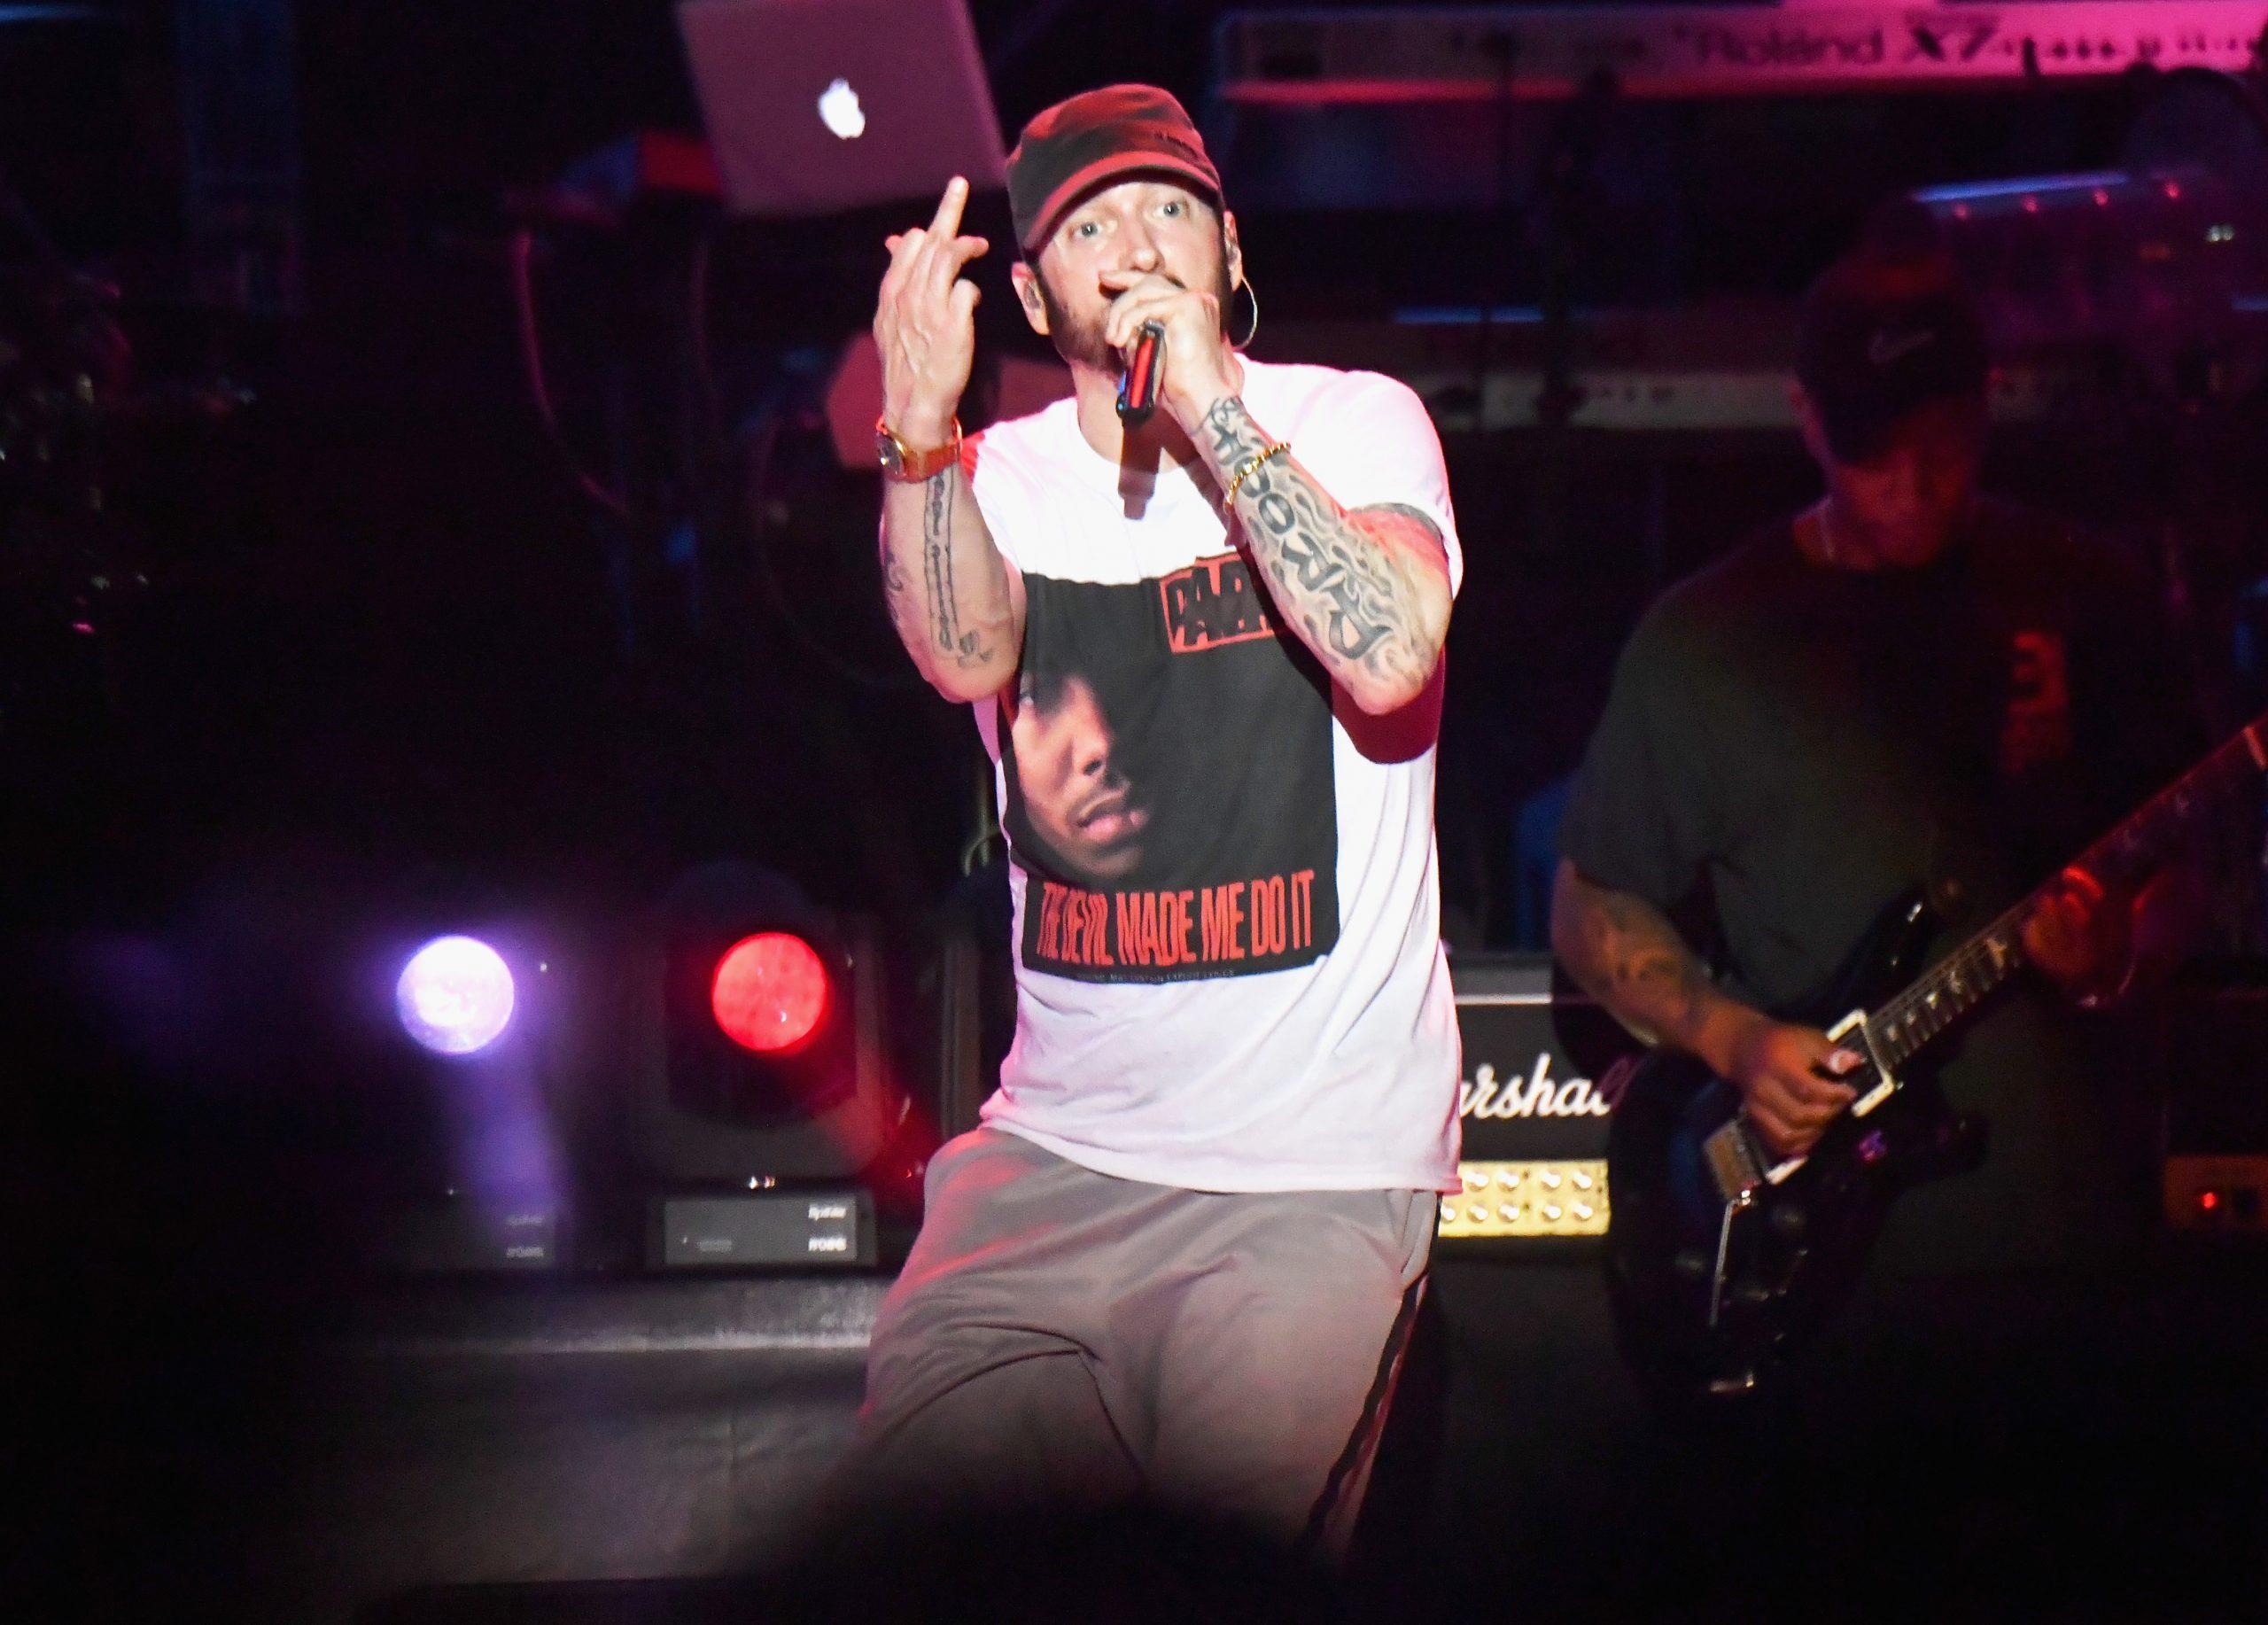 ¿Por qué hay una campaña en TikTok para cancelar a Eminem?